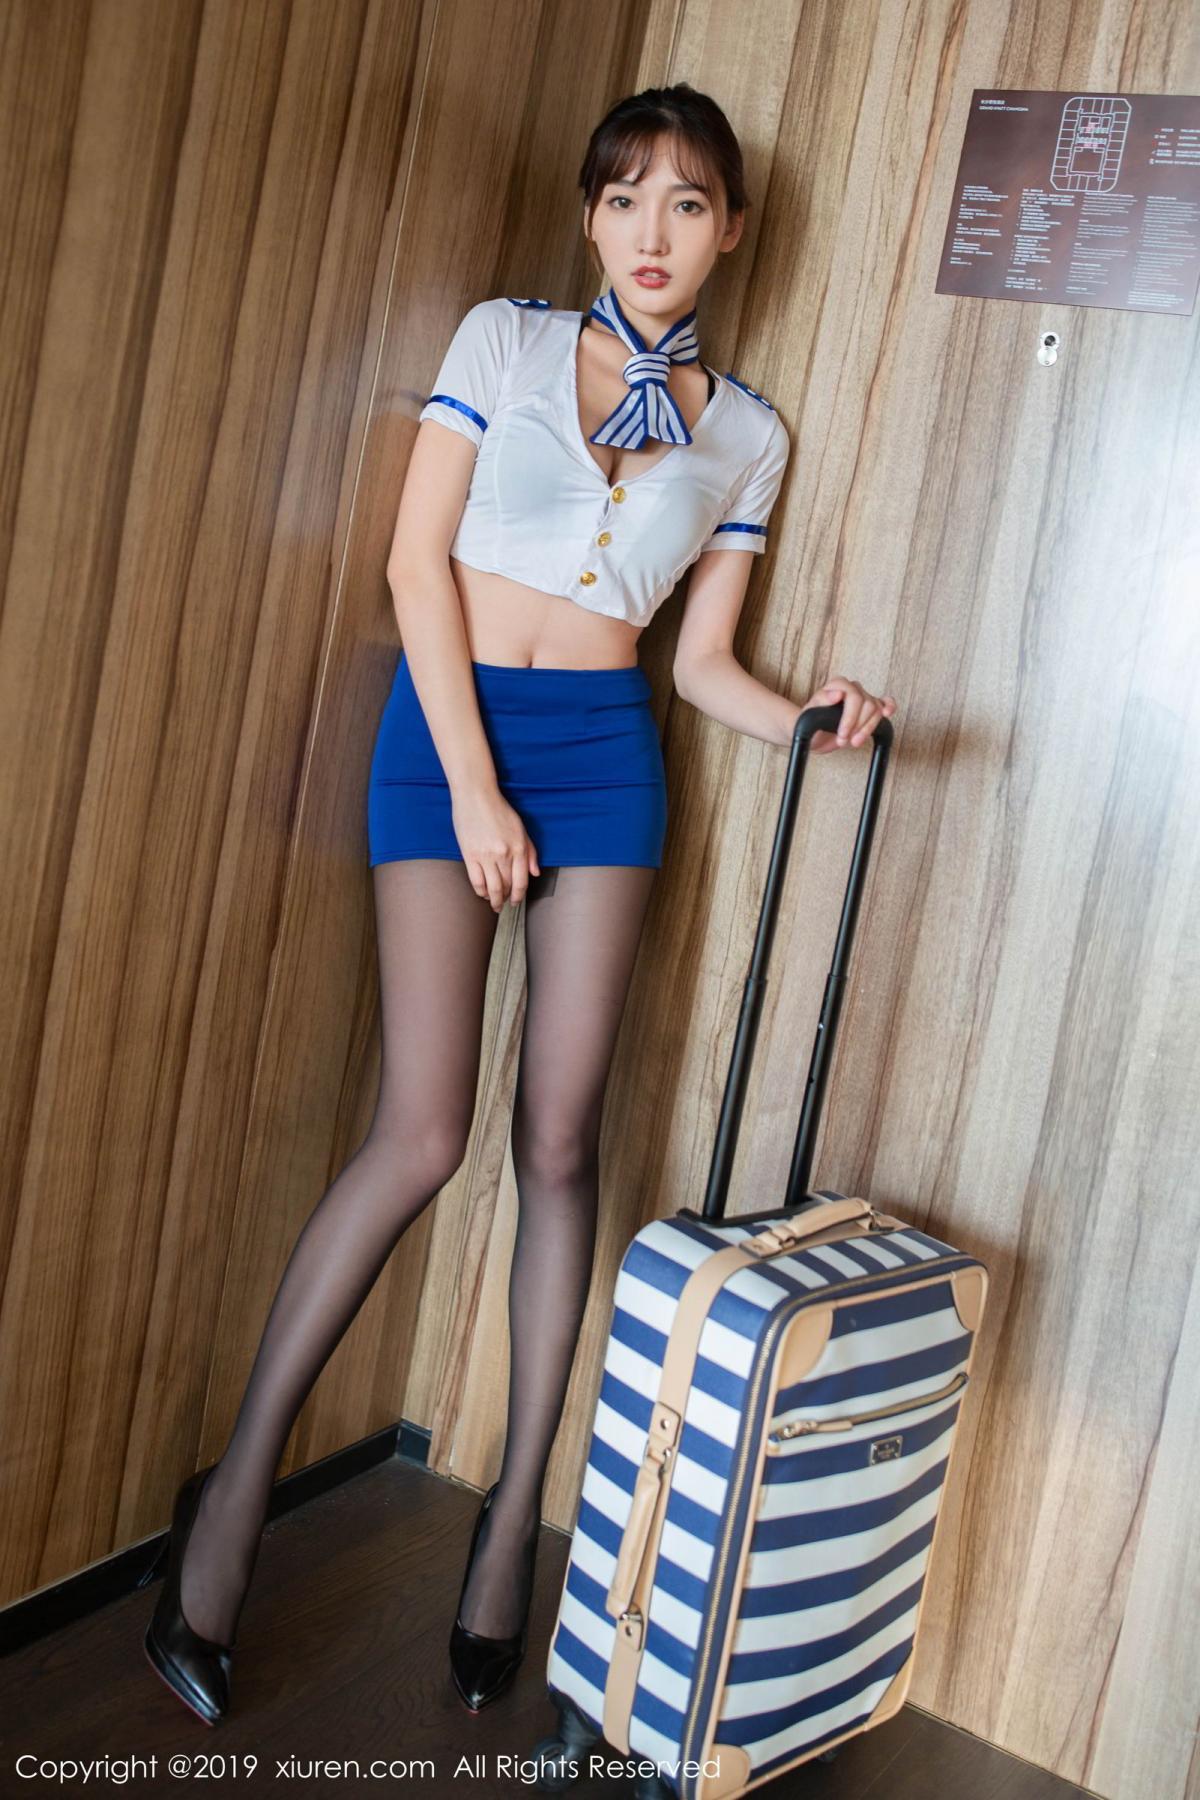 [XiuRen] Vol.1716 Lu Xuan Xuan 2 2P, Black Silk, Lu Xuan Xuan, Stewardess, Uniform, Xiuren